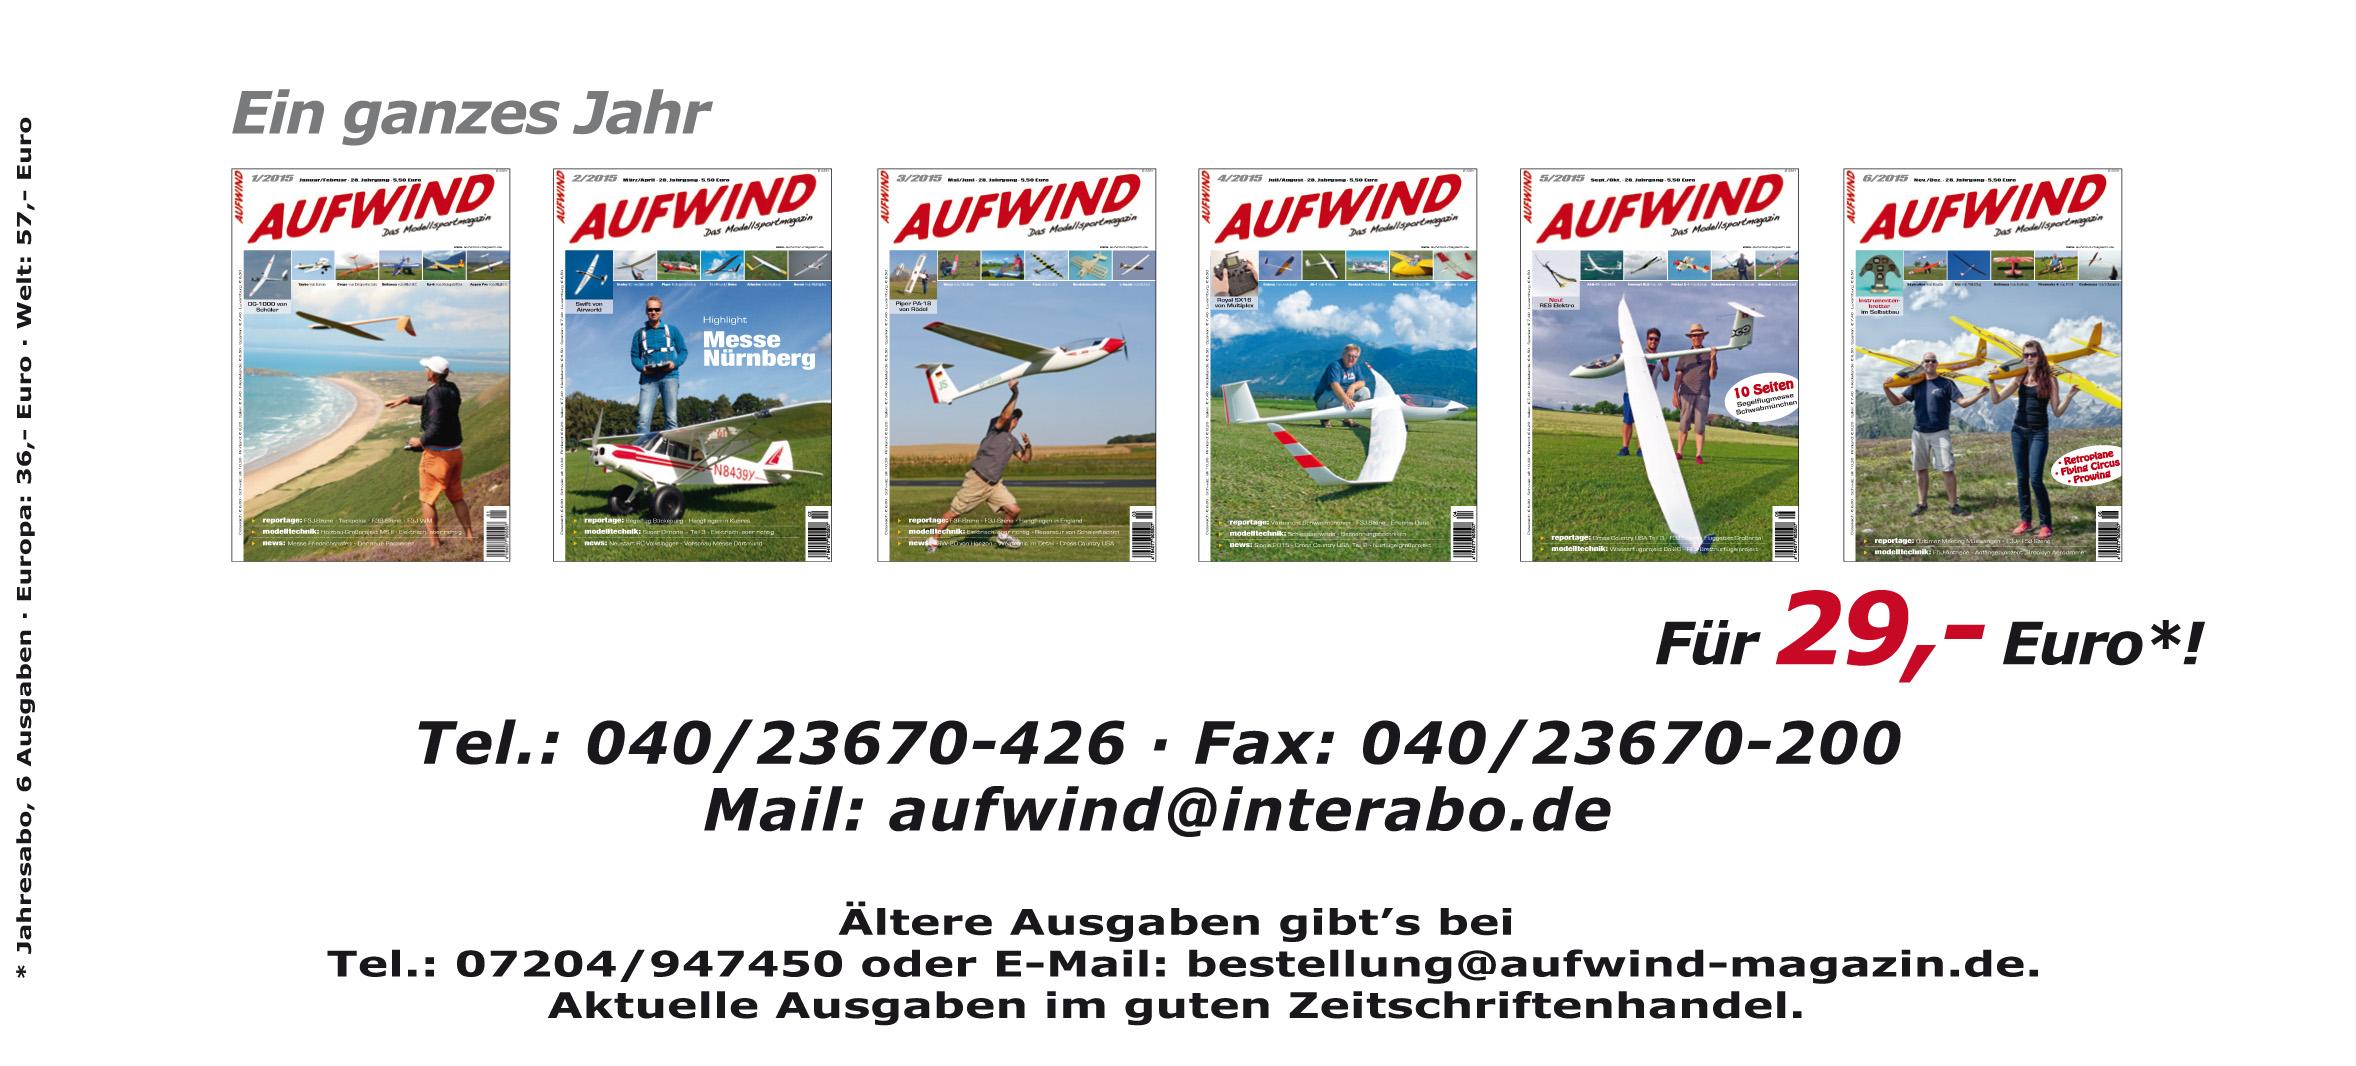 Aufwind Fiss Flyer 2015